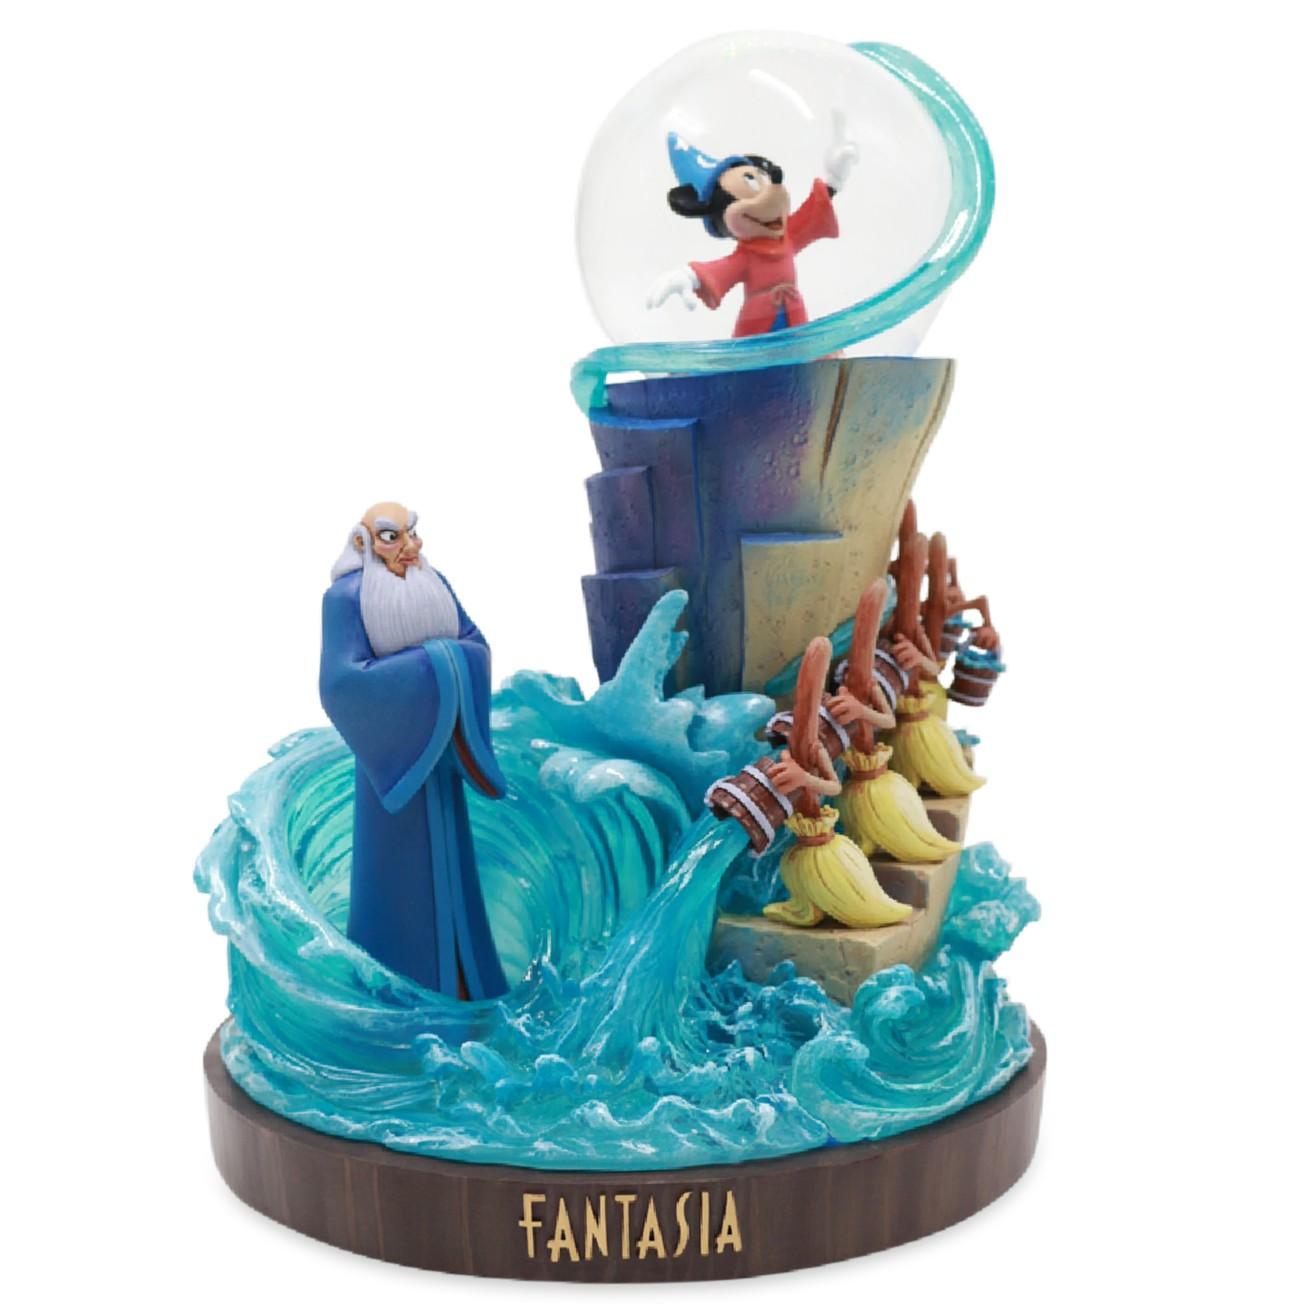 Fantasia 80th Anniversary Figure with Snowglobe